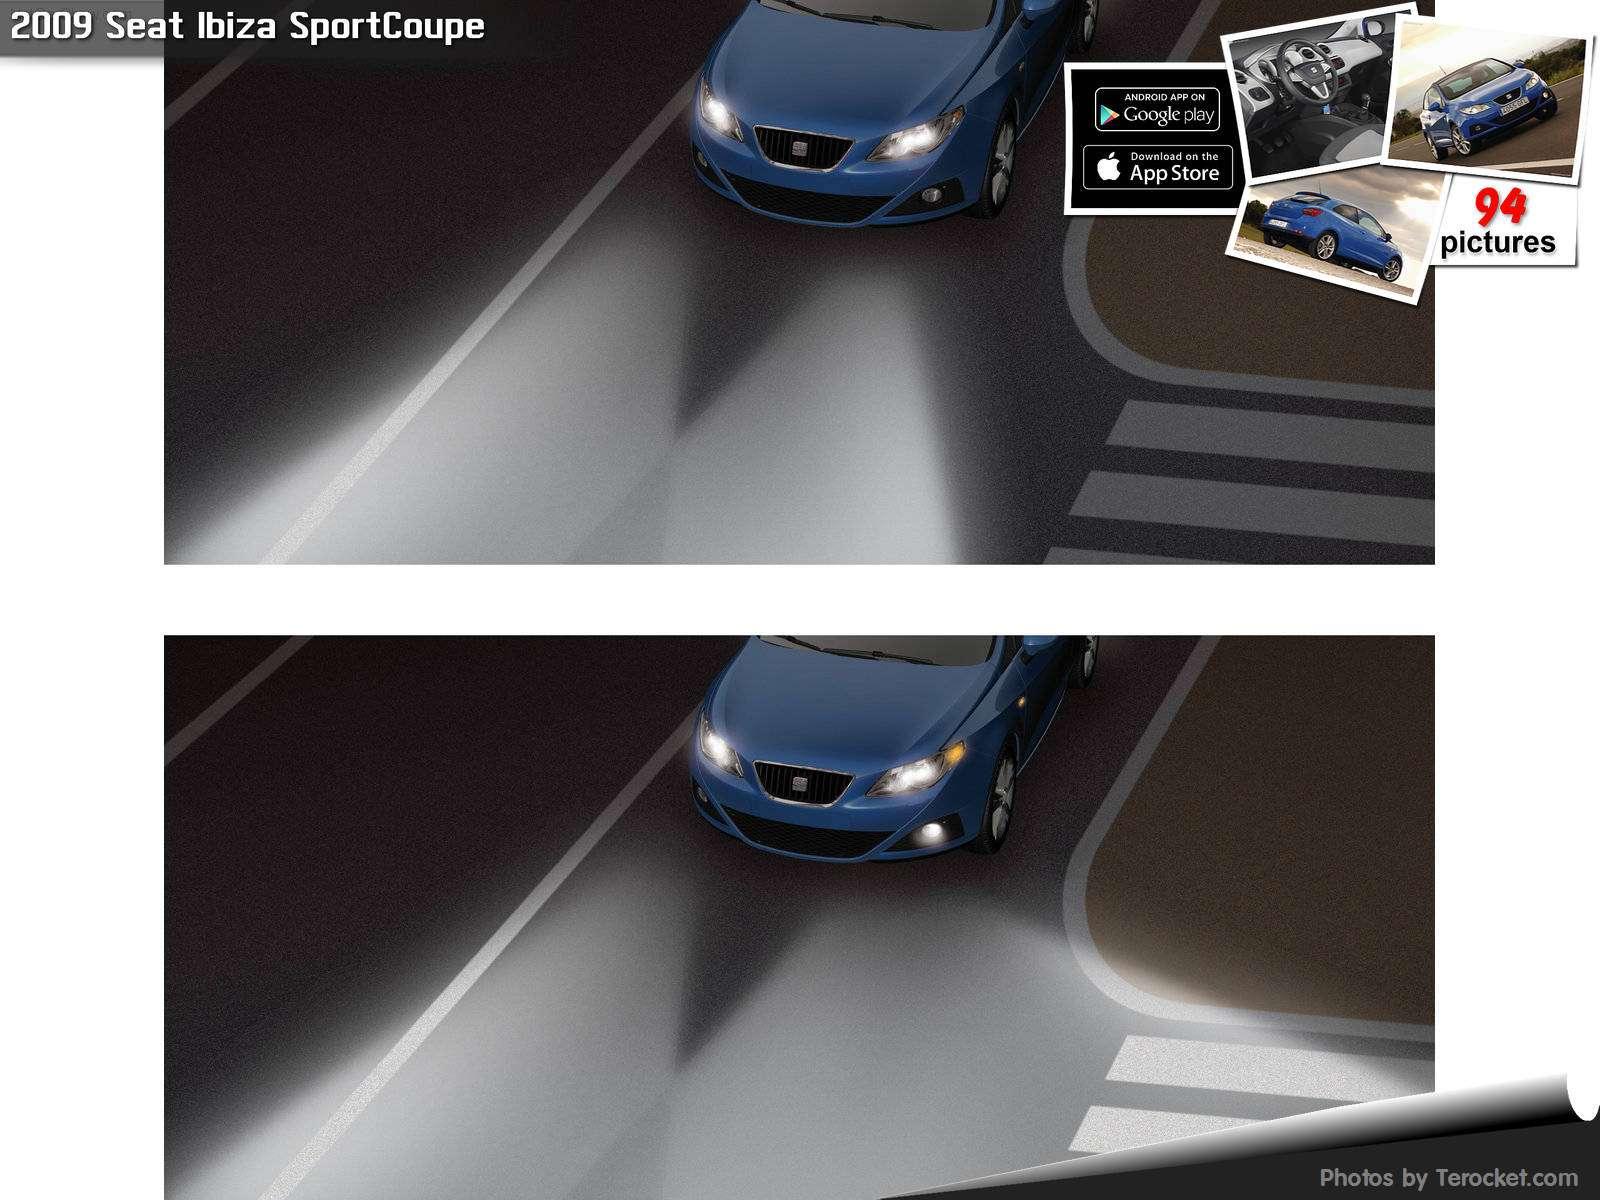 Hình ảnh xe ô tô Seat Ibiza SportCoupe 2009 & nội ngoại thất